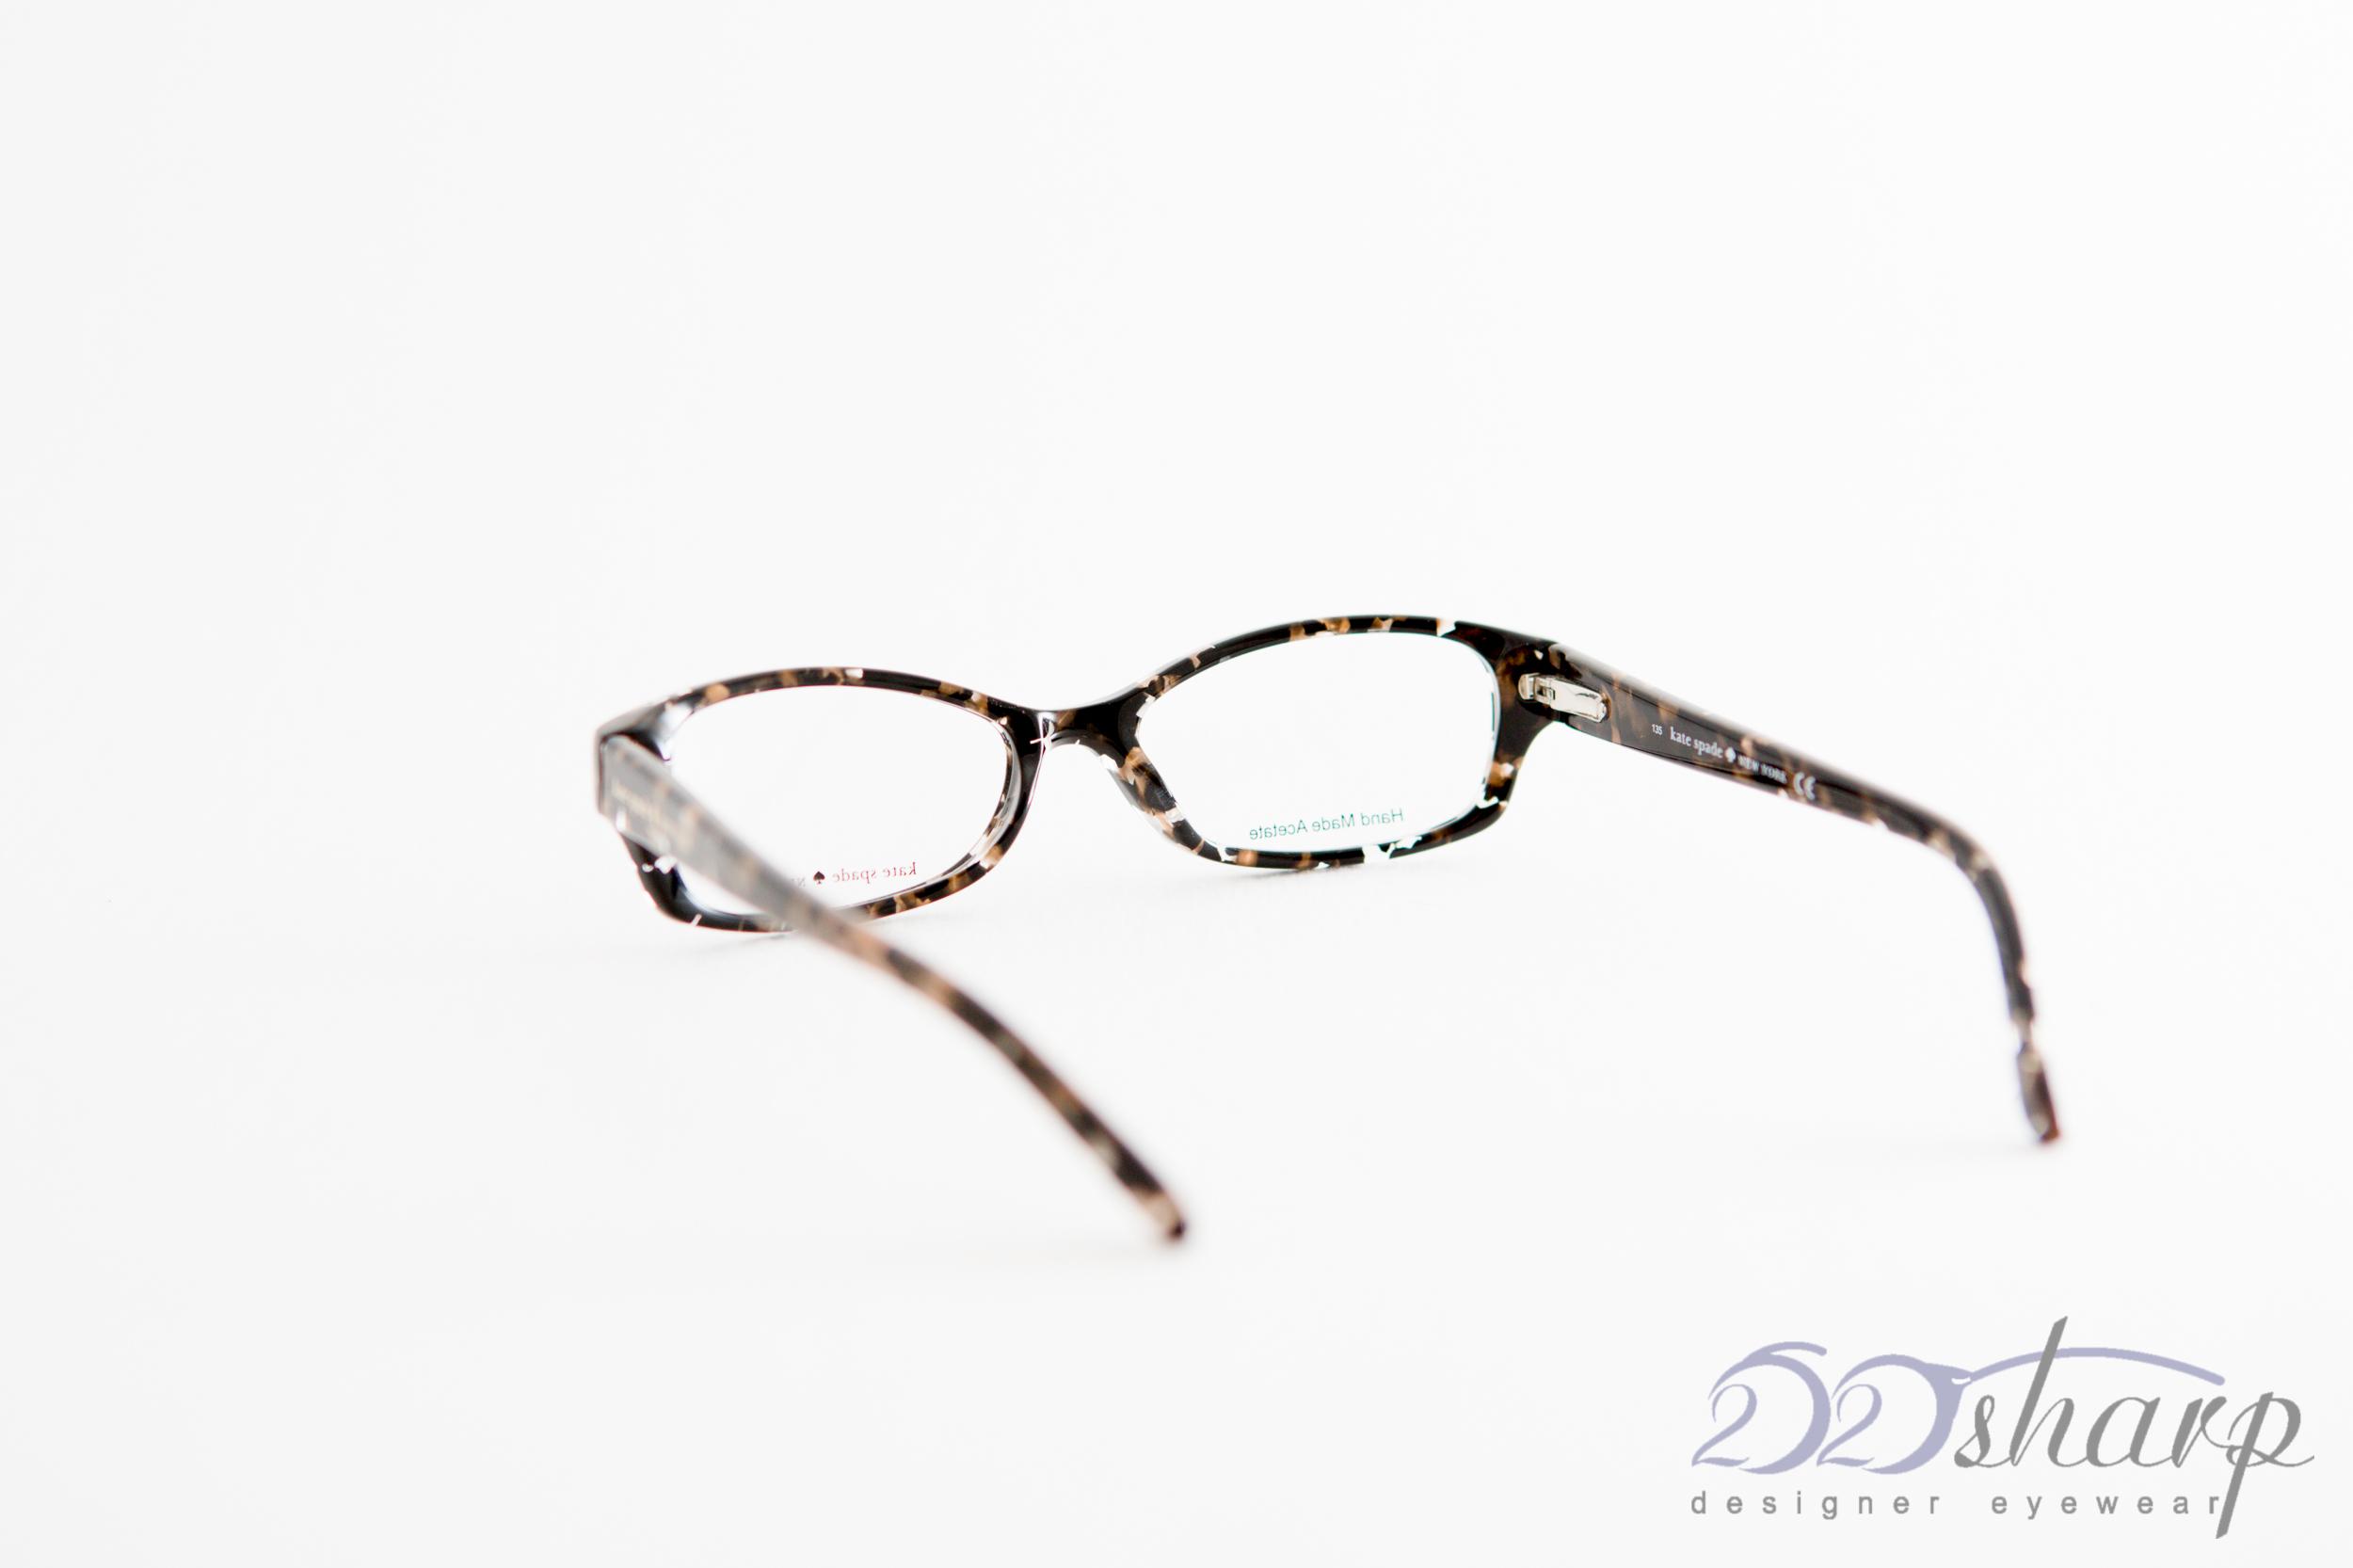 Kate Spade Sheba Eyeglass Frames : KATE SPADE Eyeglasses-SHEBA 0DA5 Flecked Tortoise eBay